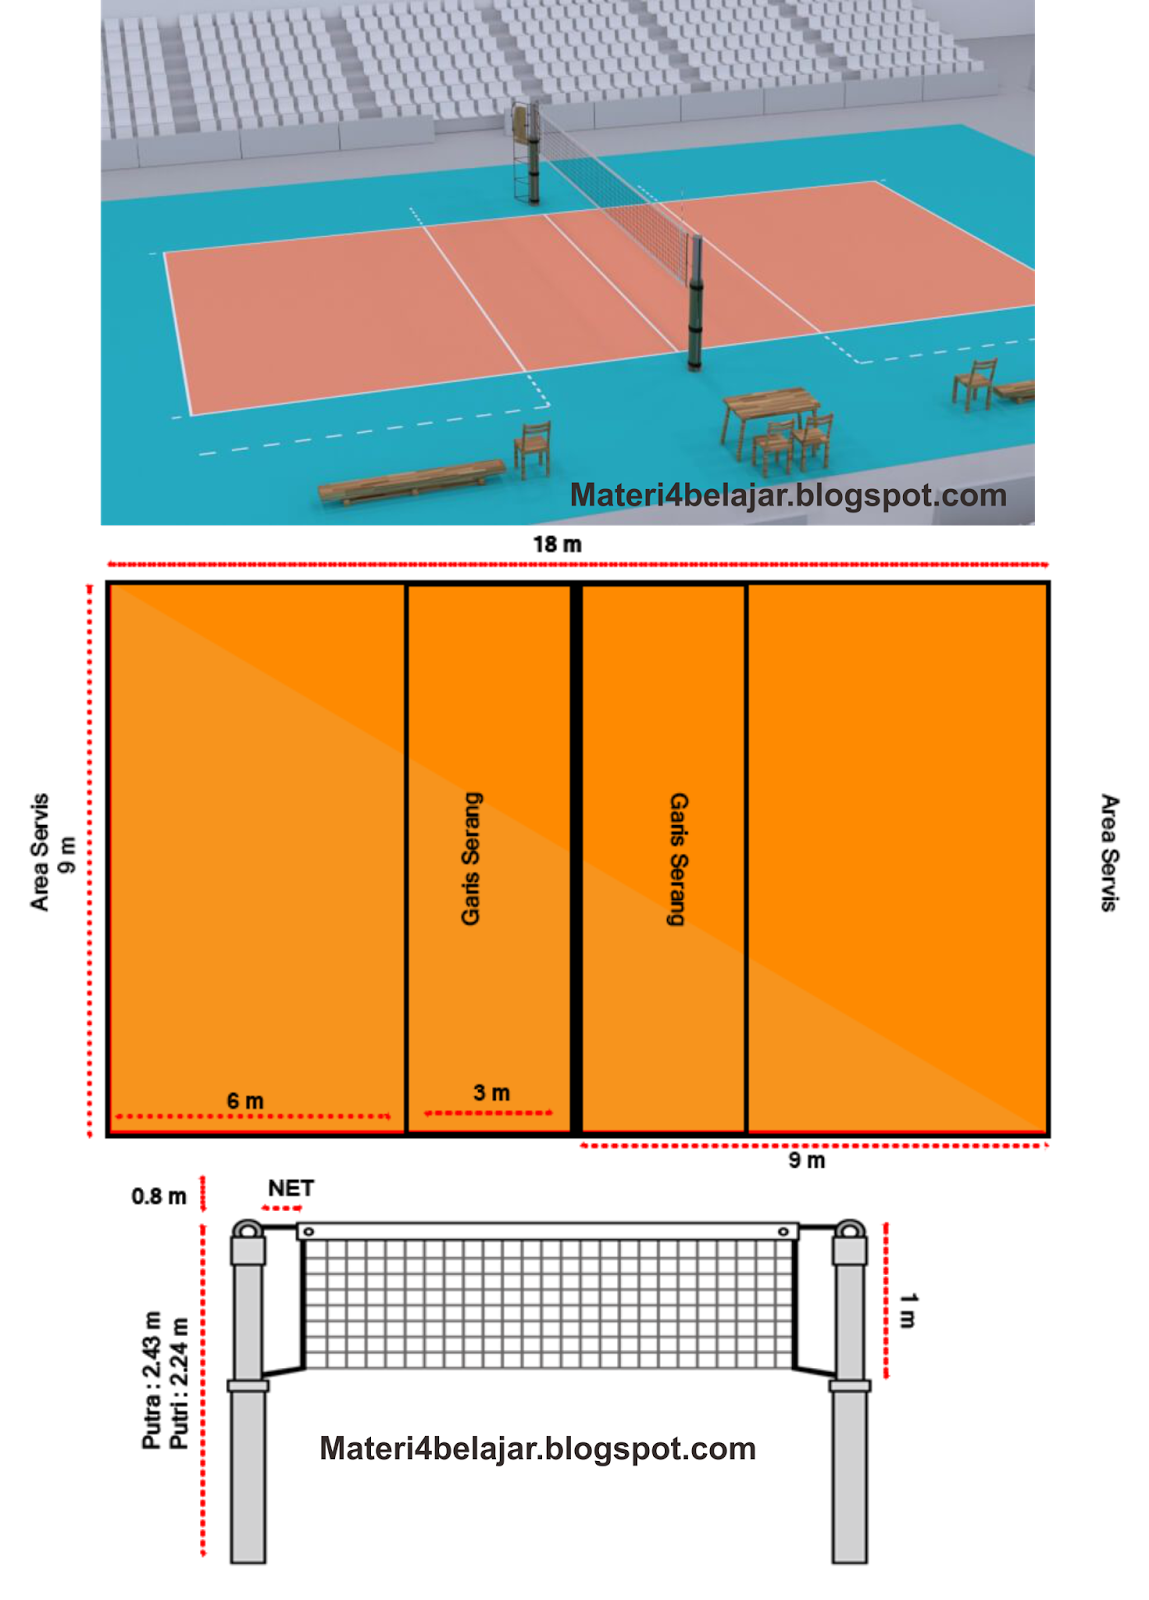 Gambar Dan Ukuran Lapangan Bola Voli Standar Nasional Internasional Terbaru